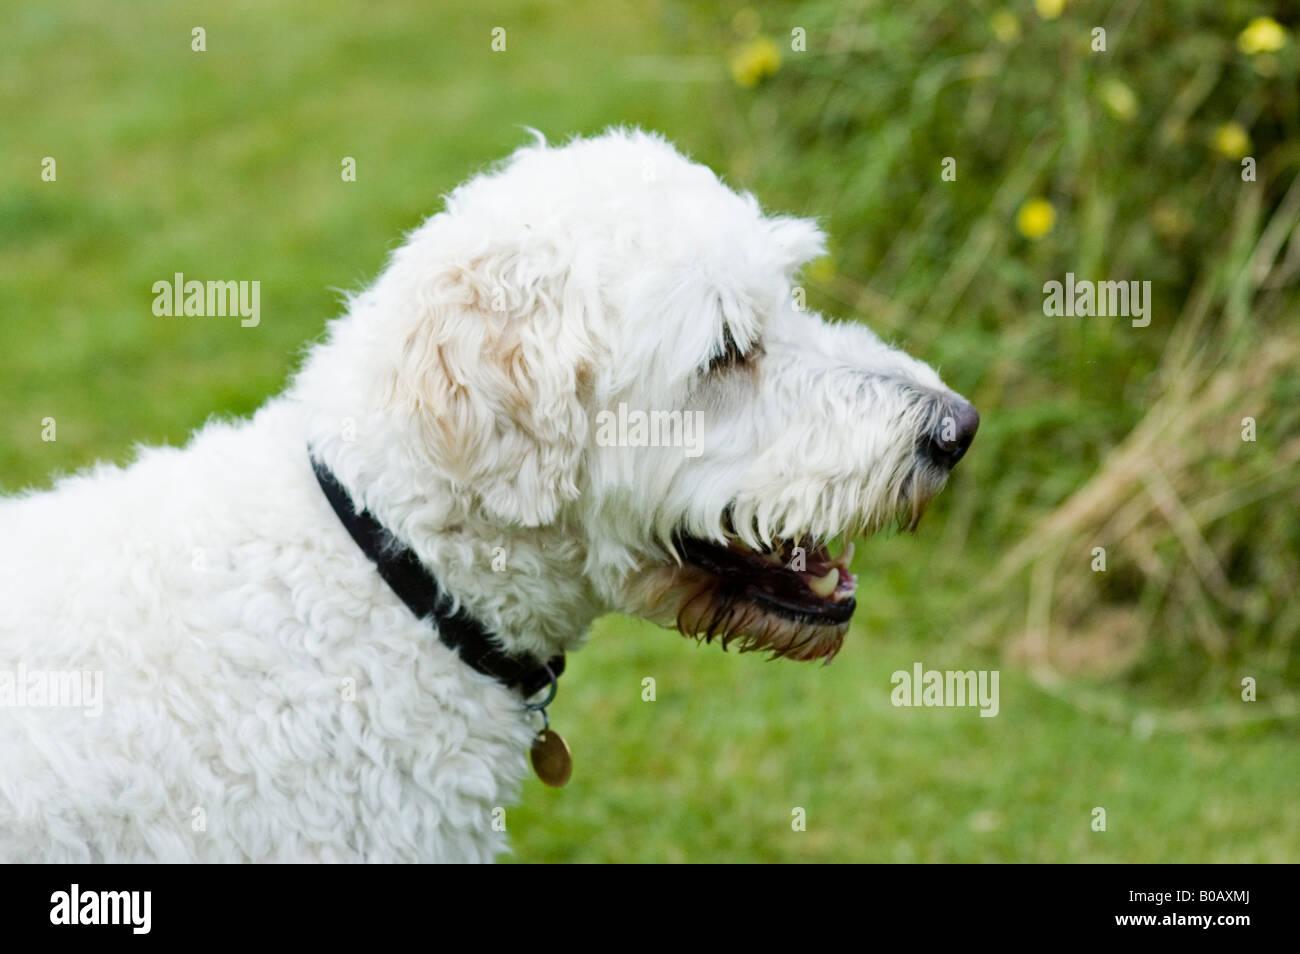 White goldendoodle dog Stock Photo: 17450850 - Alamy